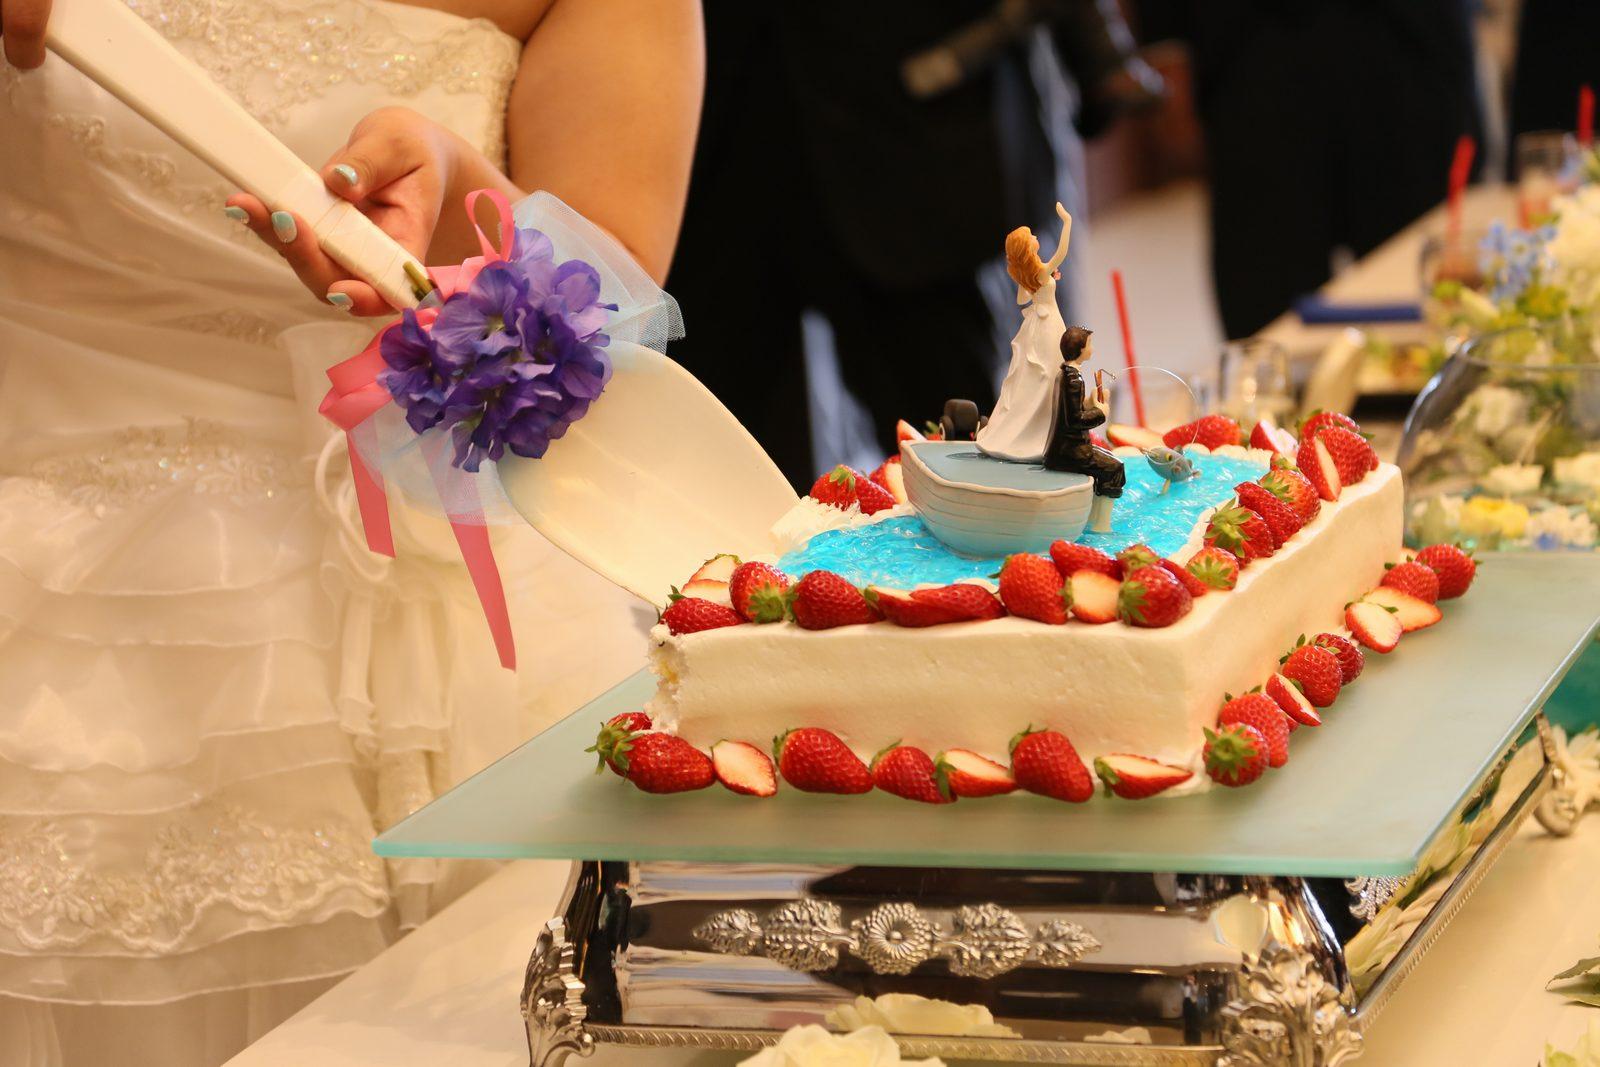 徳島市の結婚式場ブランアンジュでのケーキカットは海をイメージしたオリジナルデザイン